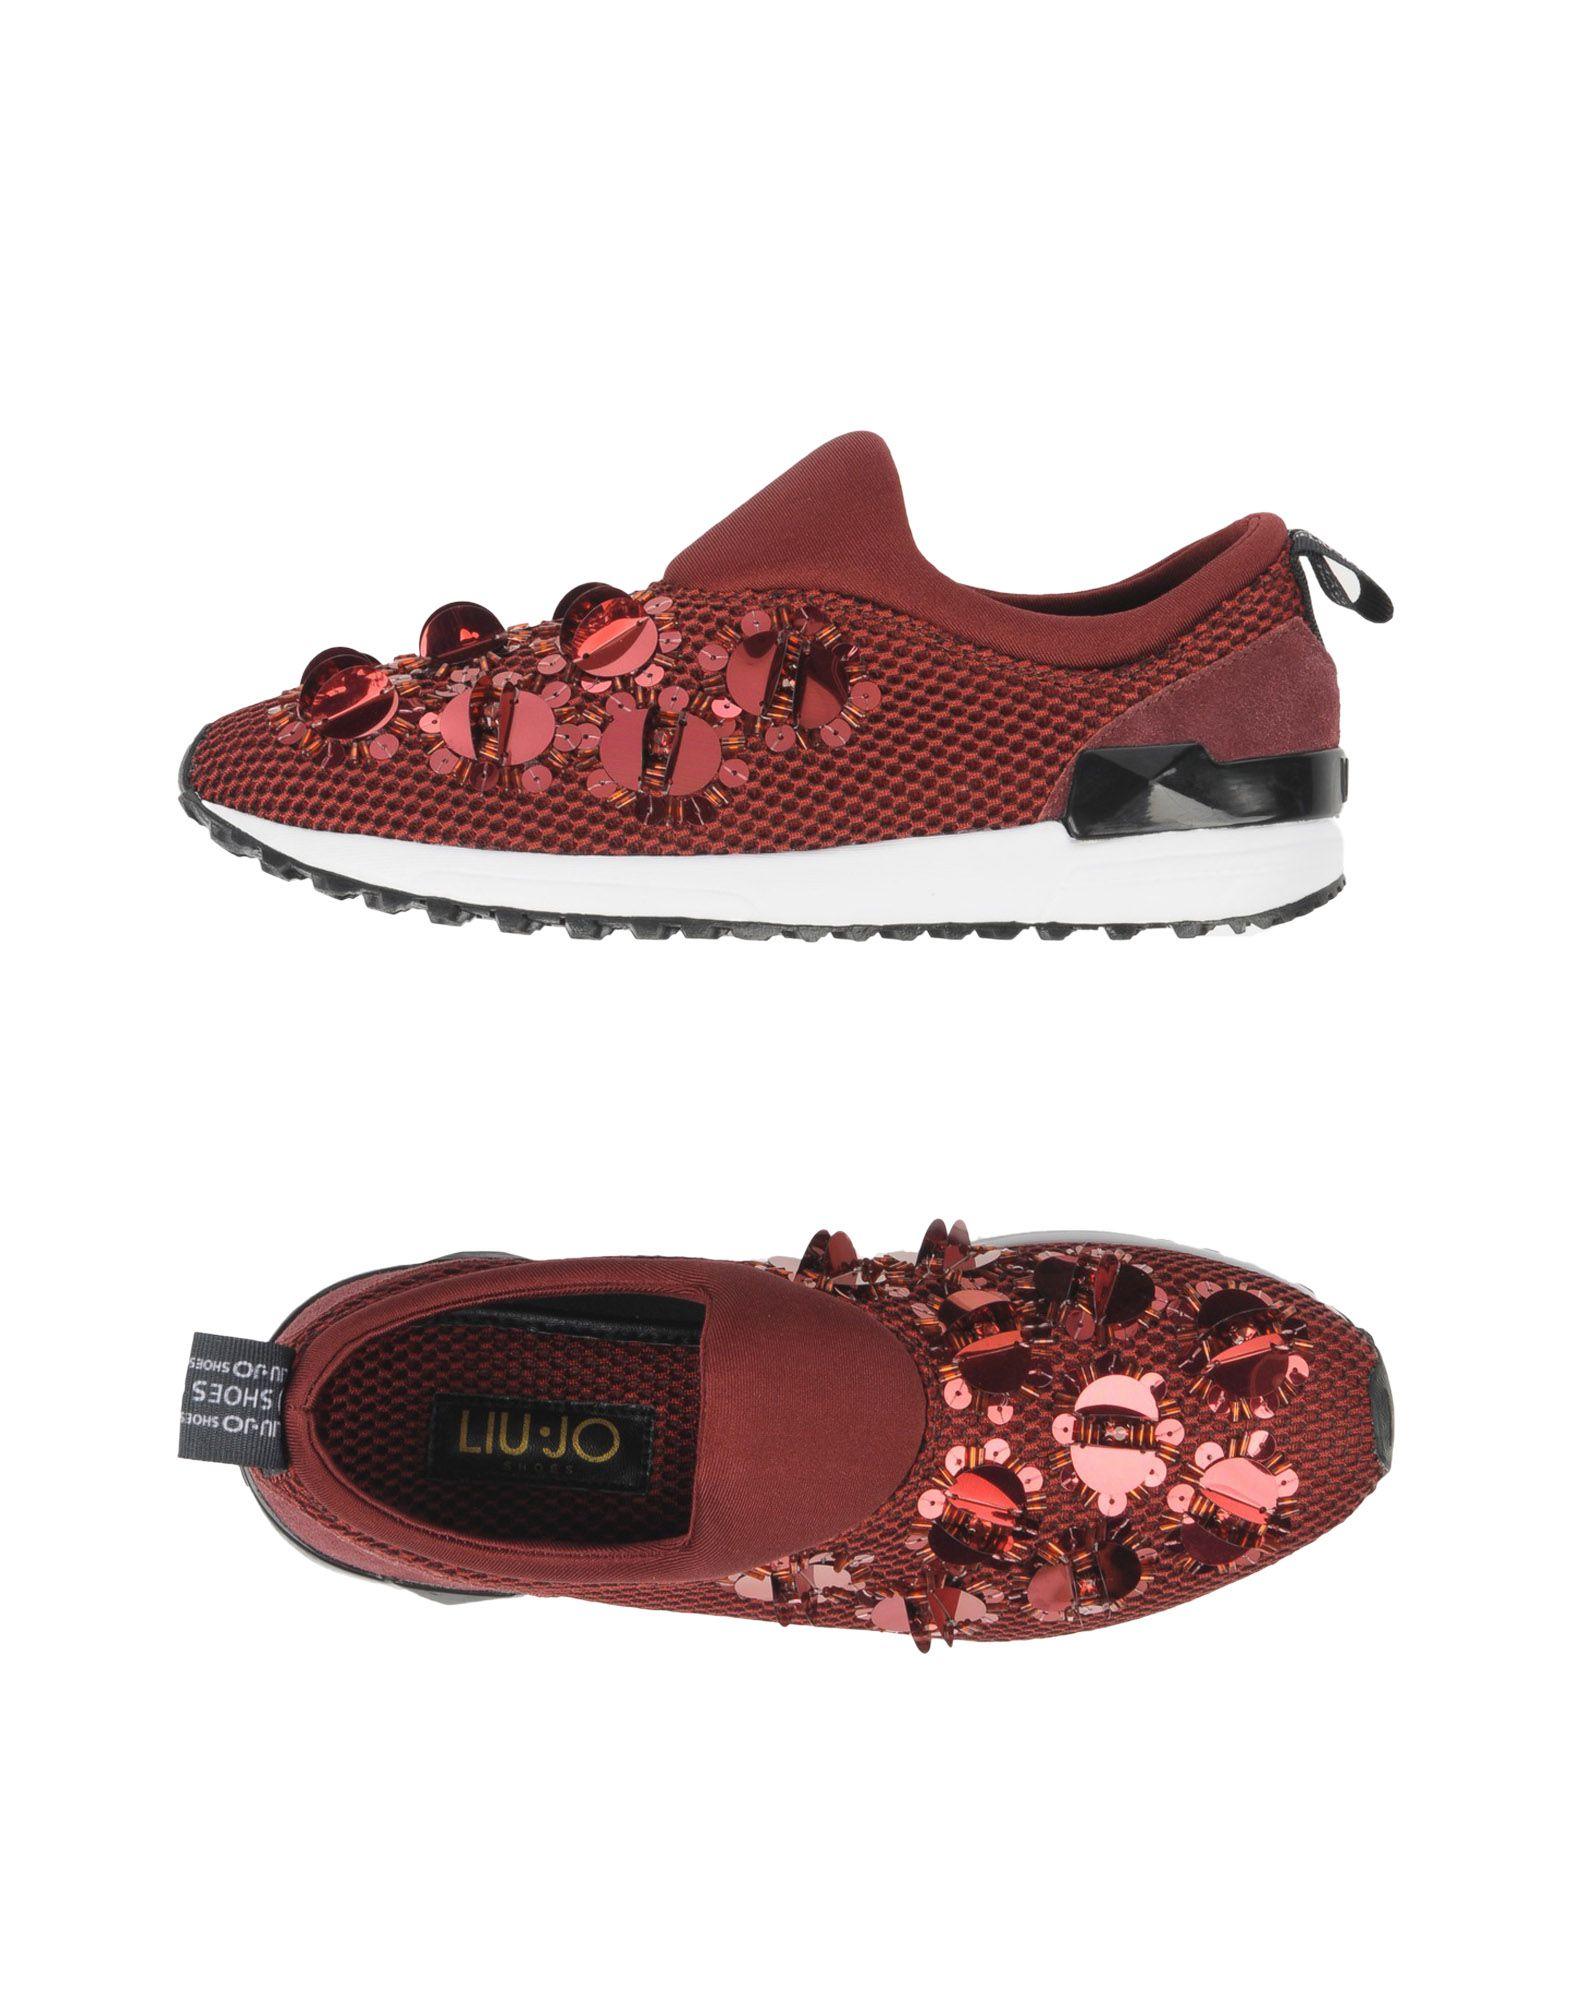 Tiempo limitado - especial Zapatillas Liu ?Jo Shoes Mujer - limitado Zapatillas Liu ?Jo Shoes  Verde militar b3893e